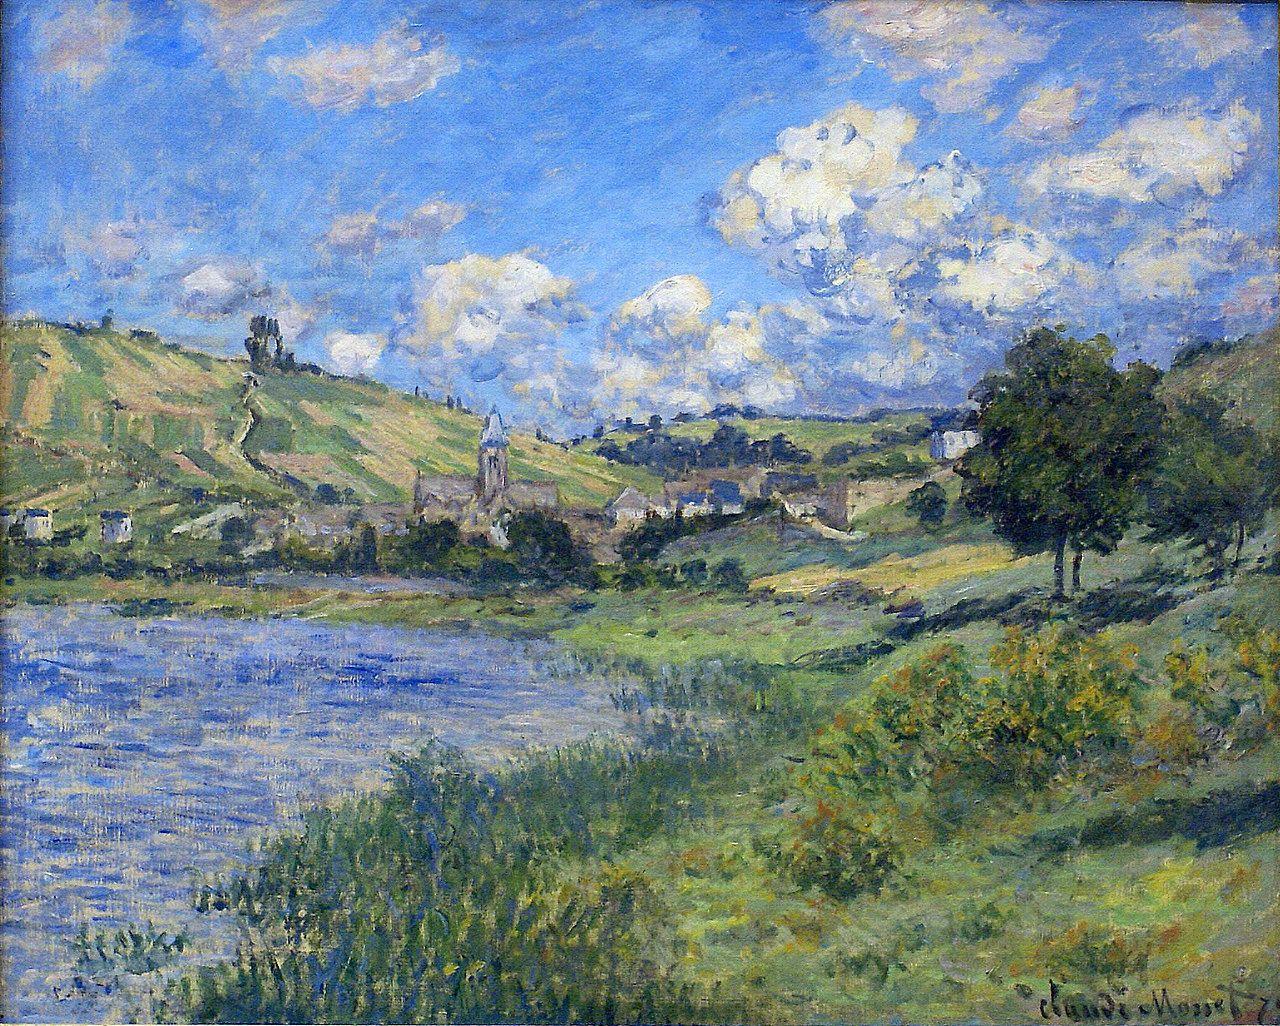 Claude Monet — Vetheuil, Paysage, 1879, Claude Monet | Claude monet  paintings, Monet art, Claude monet